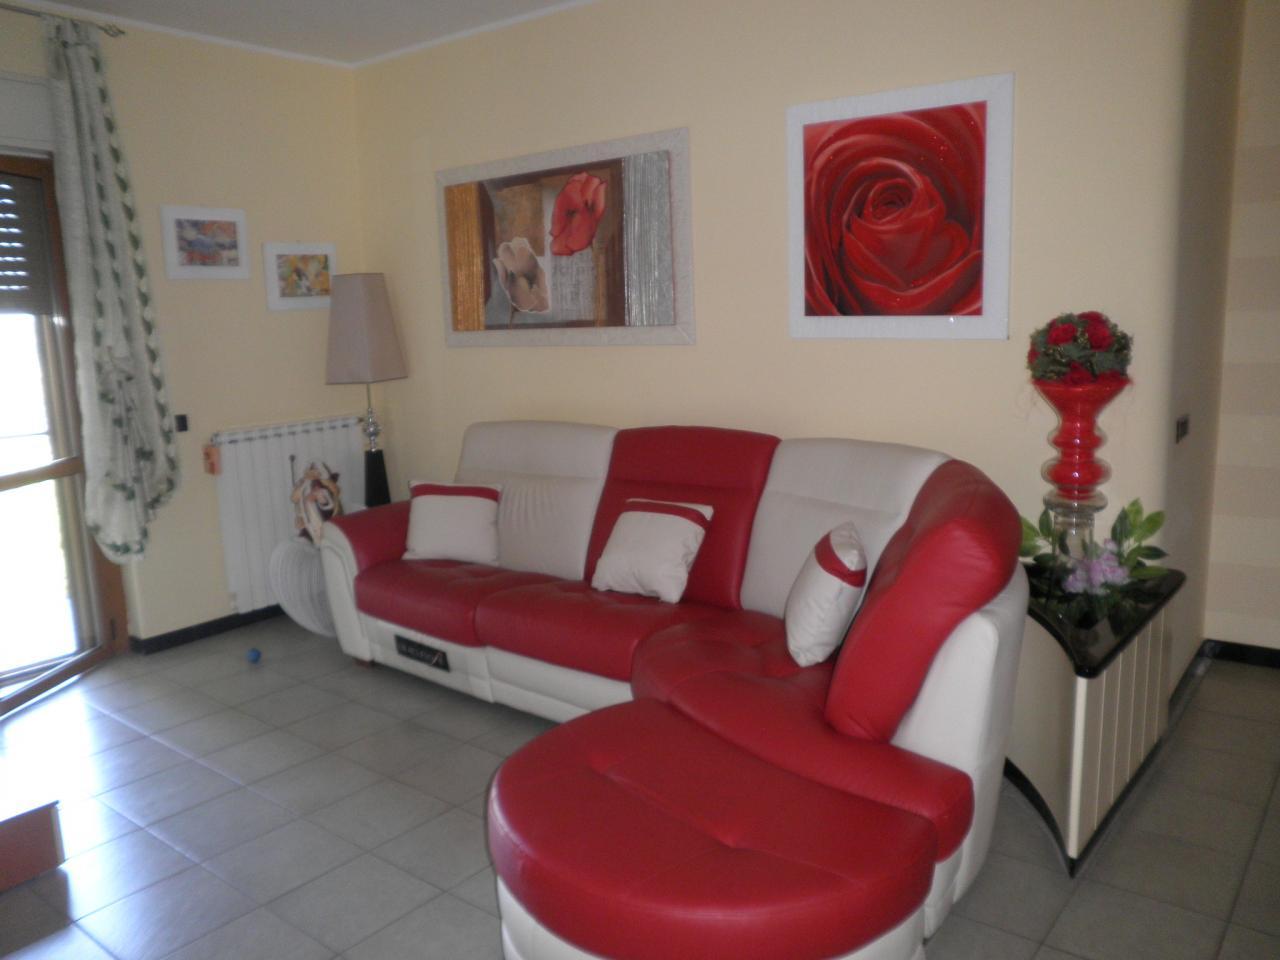 Appartamento in vendita a Catanzaro, 5 locali, zona Località: MaterDomini, prezzo € 195.000 | Cambio Casa.it